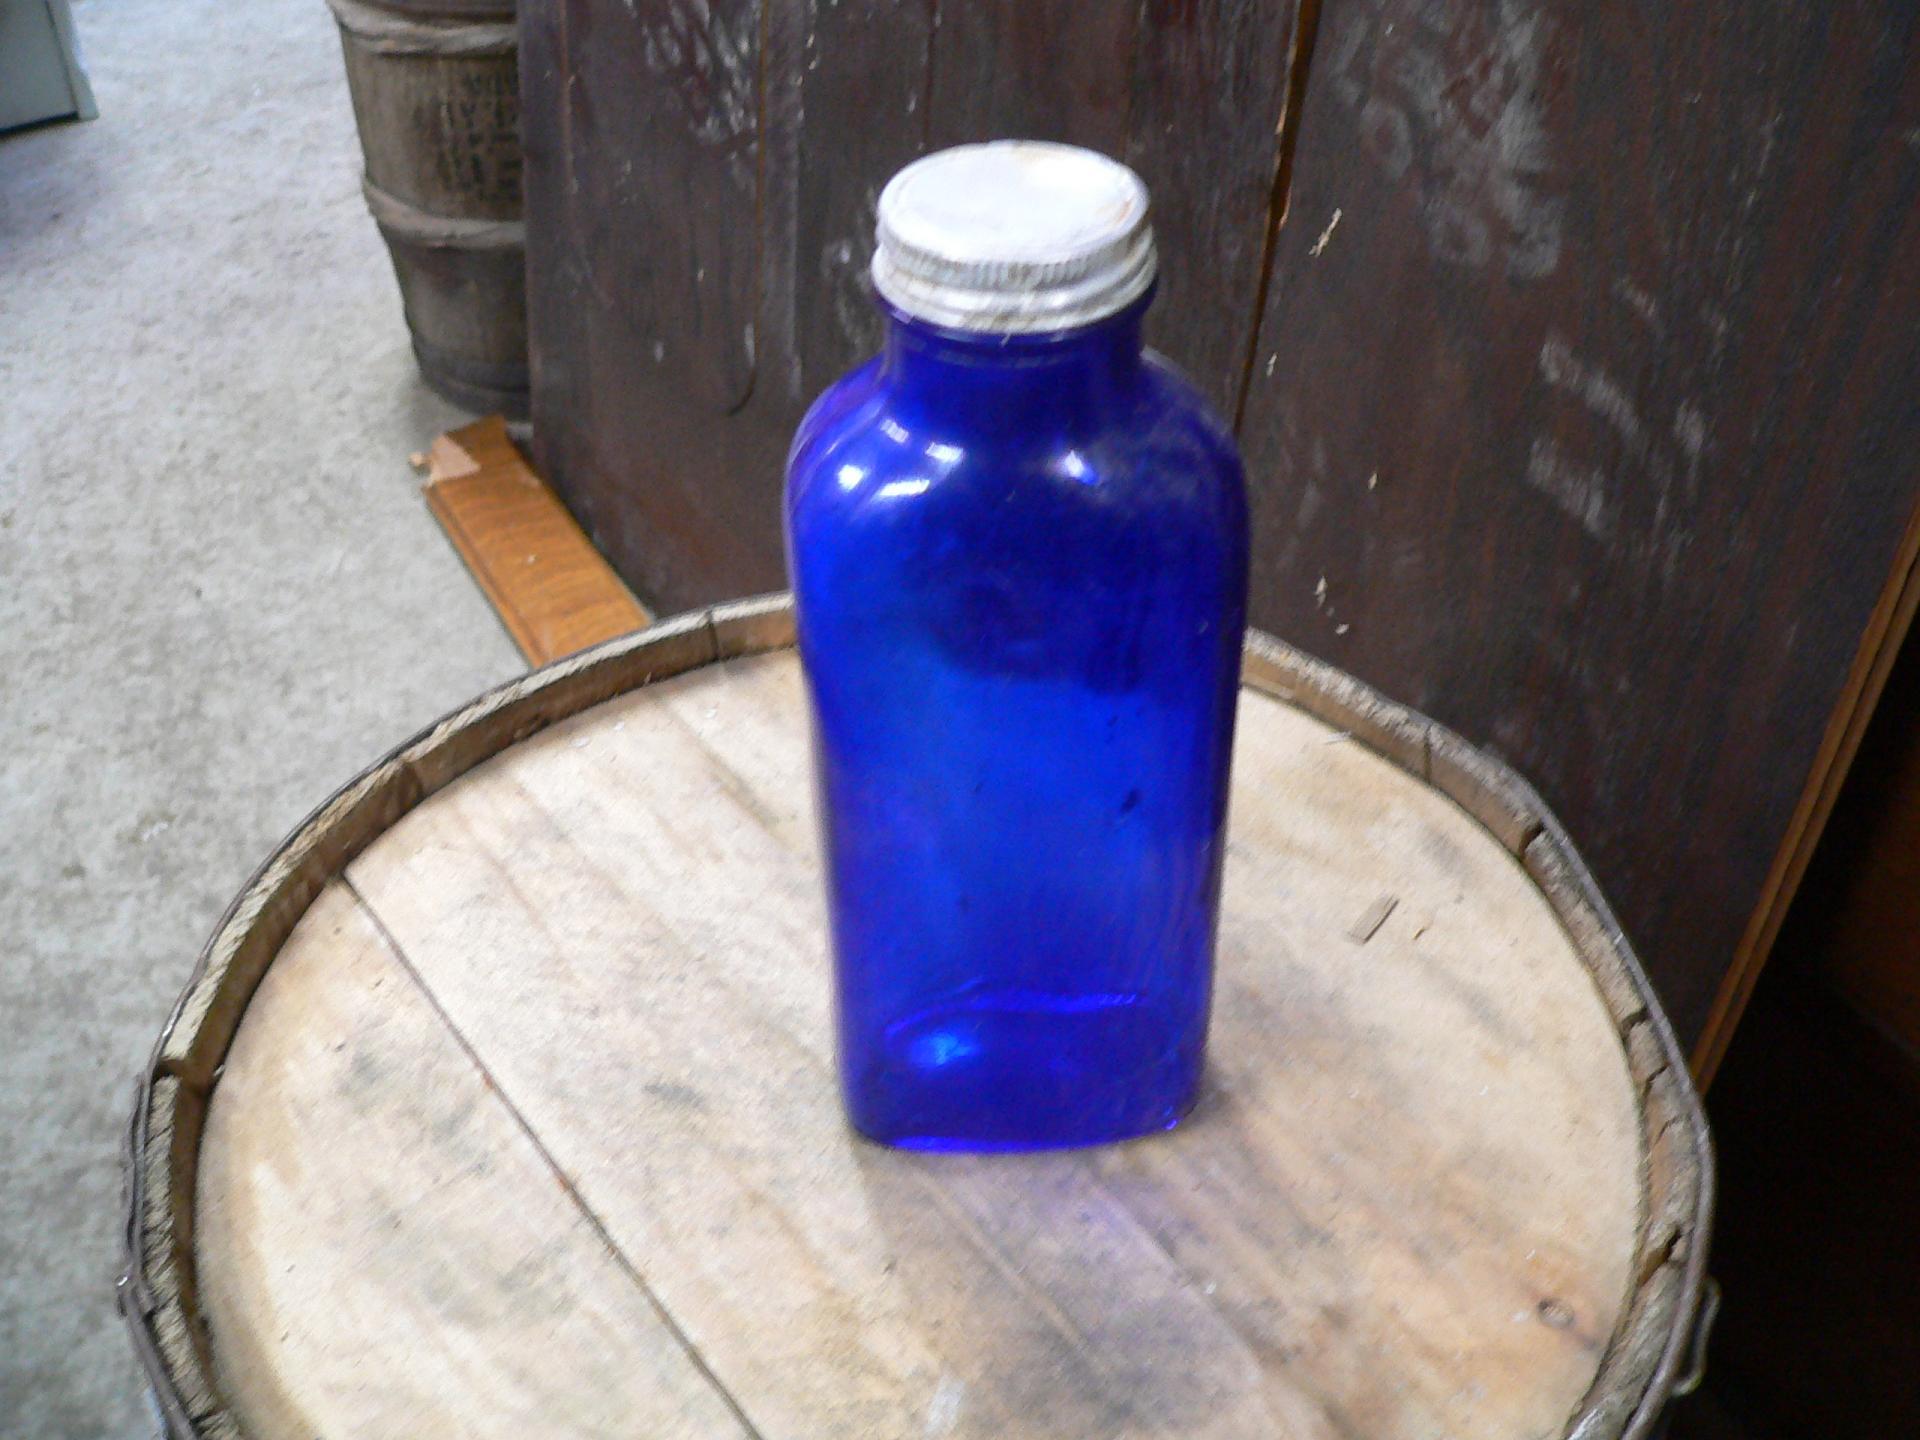 Bouteille de médicament bleu # 5023.51